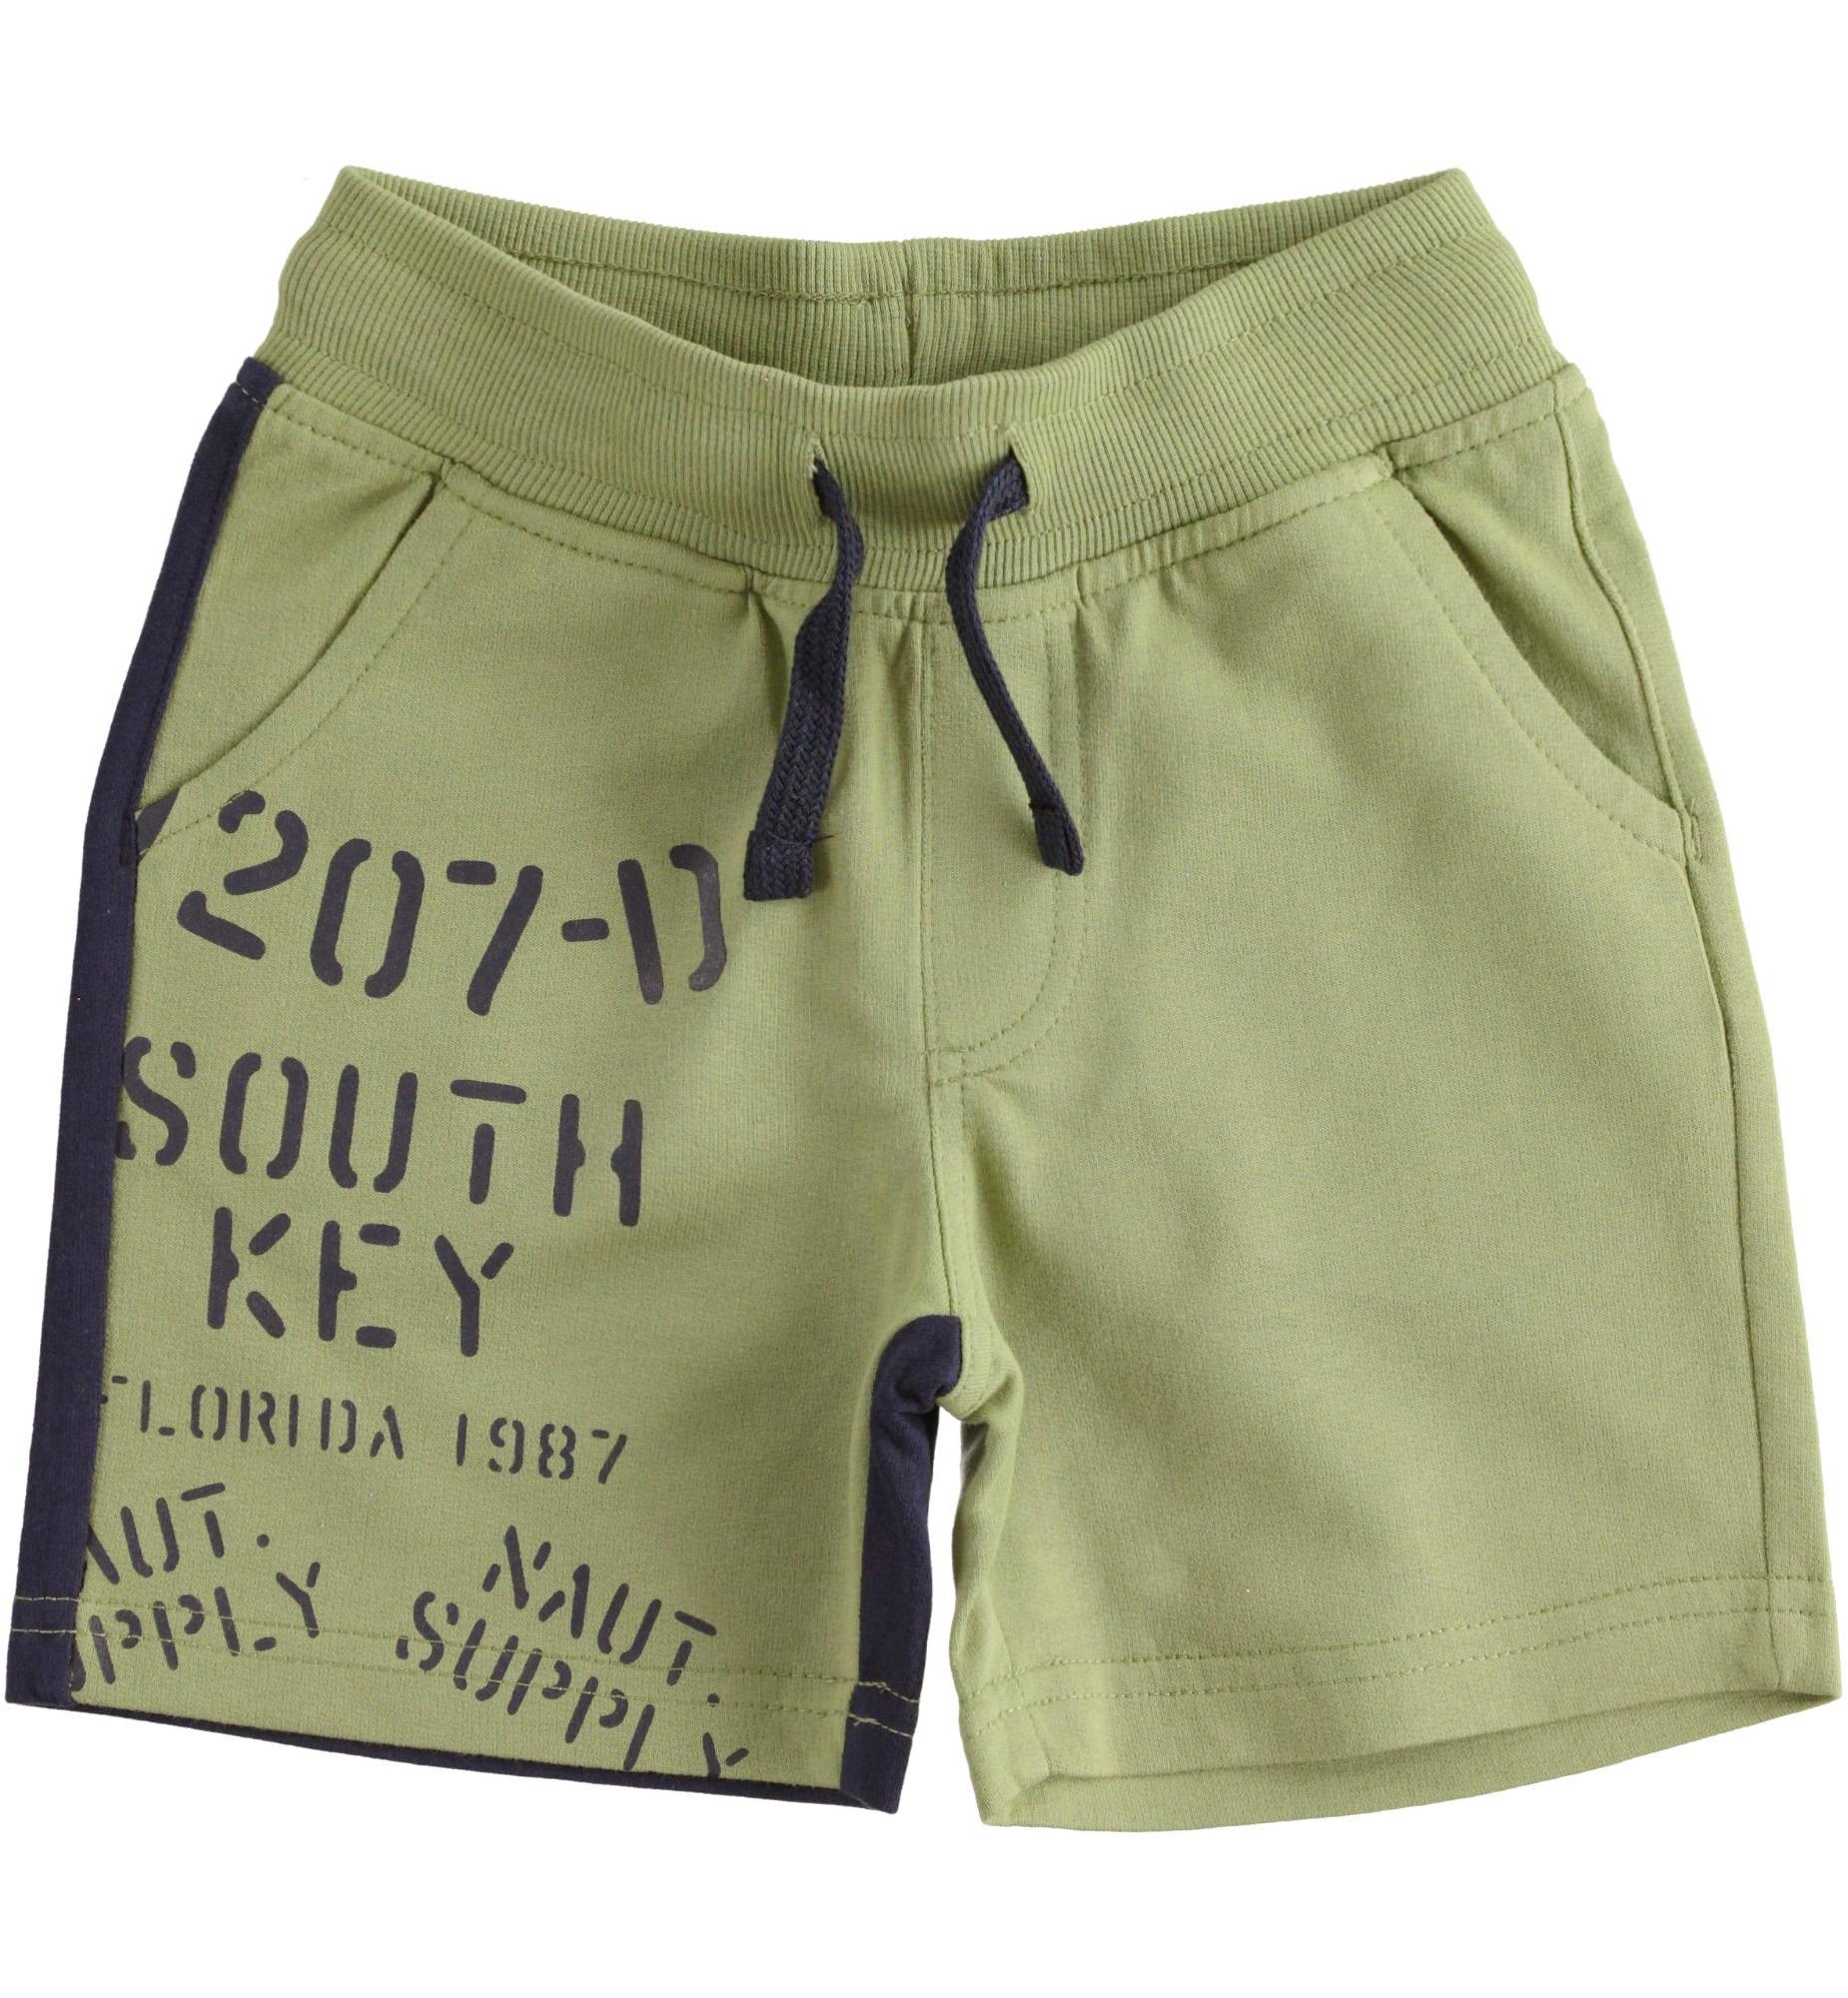 Kifejezés eltávolítása: Kisfiú pamut zöld rövid nadrág bermuda Kisfiú pamut zöld rövid nadrág bermuda